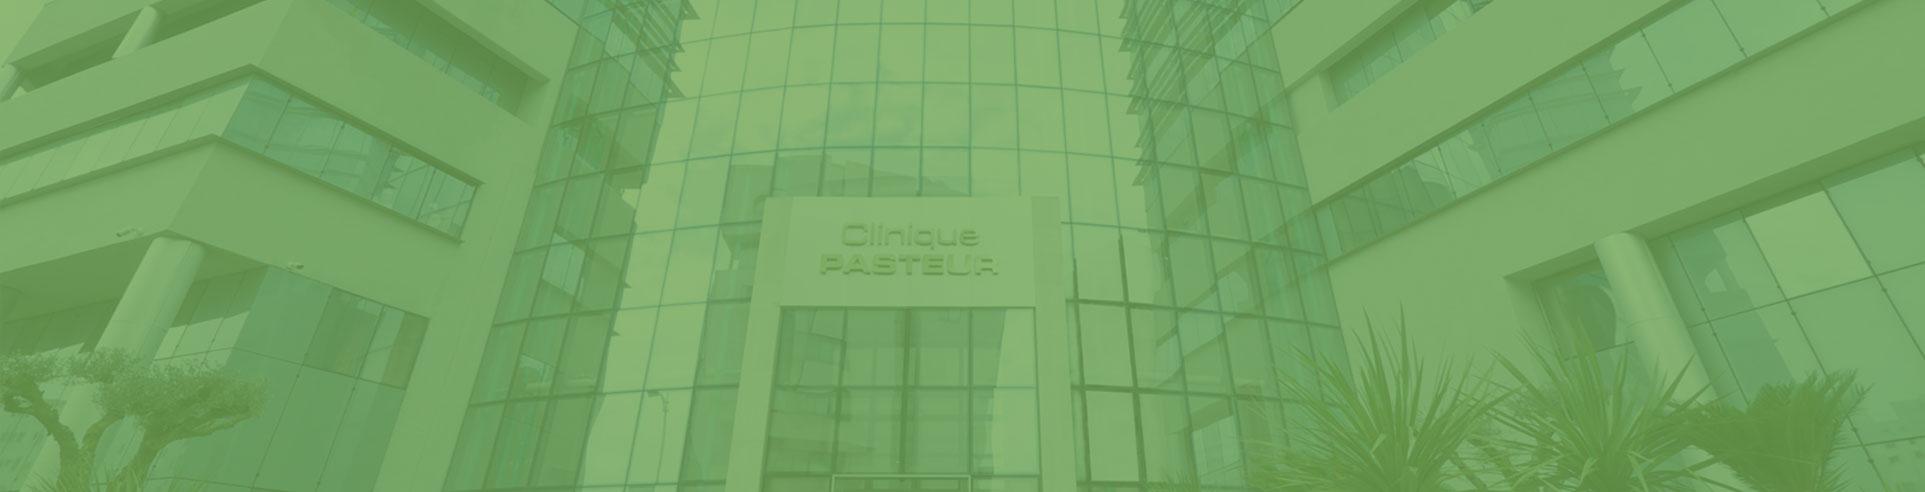 Lipofilling seins tunisie tout compris prix injection - Clinique pasteur 07 guilherand granges ...